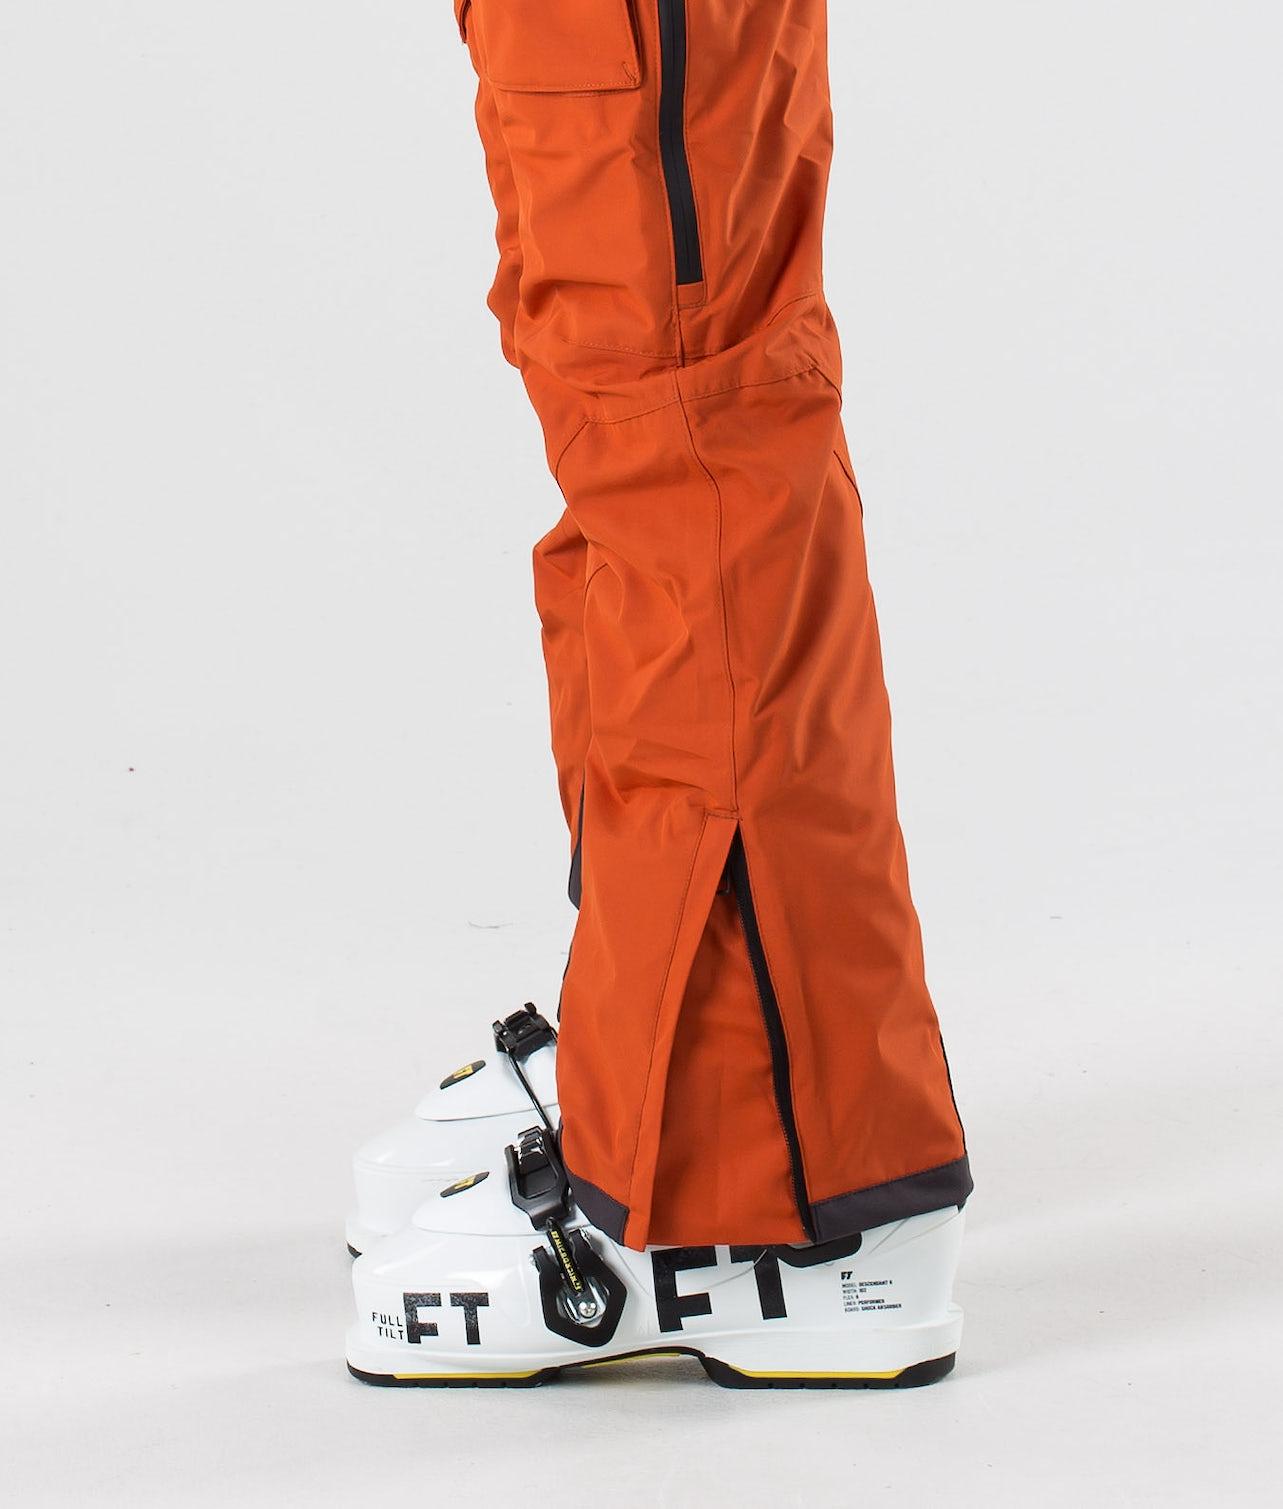 Kjøp Fawk W Skibukse fra Montec på Ridestore.no - Hos oss har du alltid fri frakt, fri retur og 30 dagers åpent kjøp!